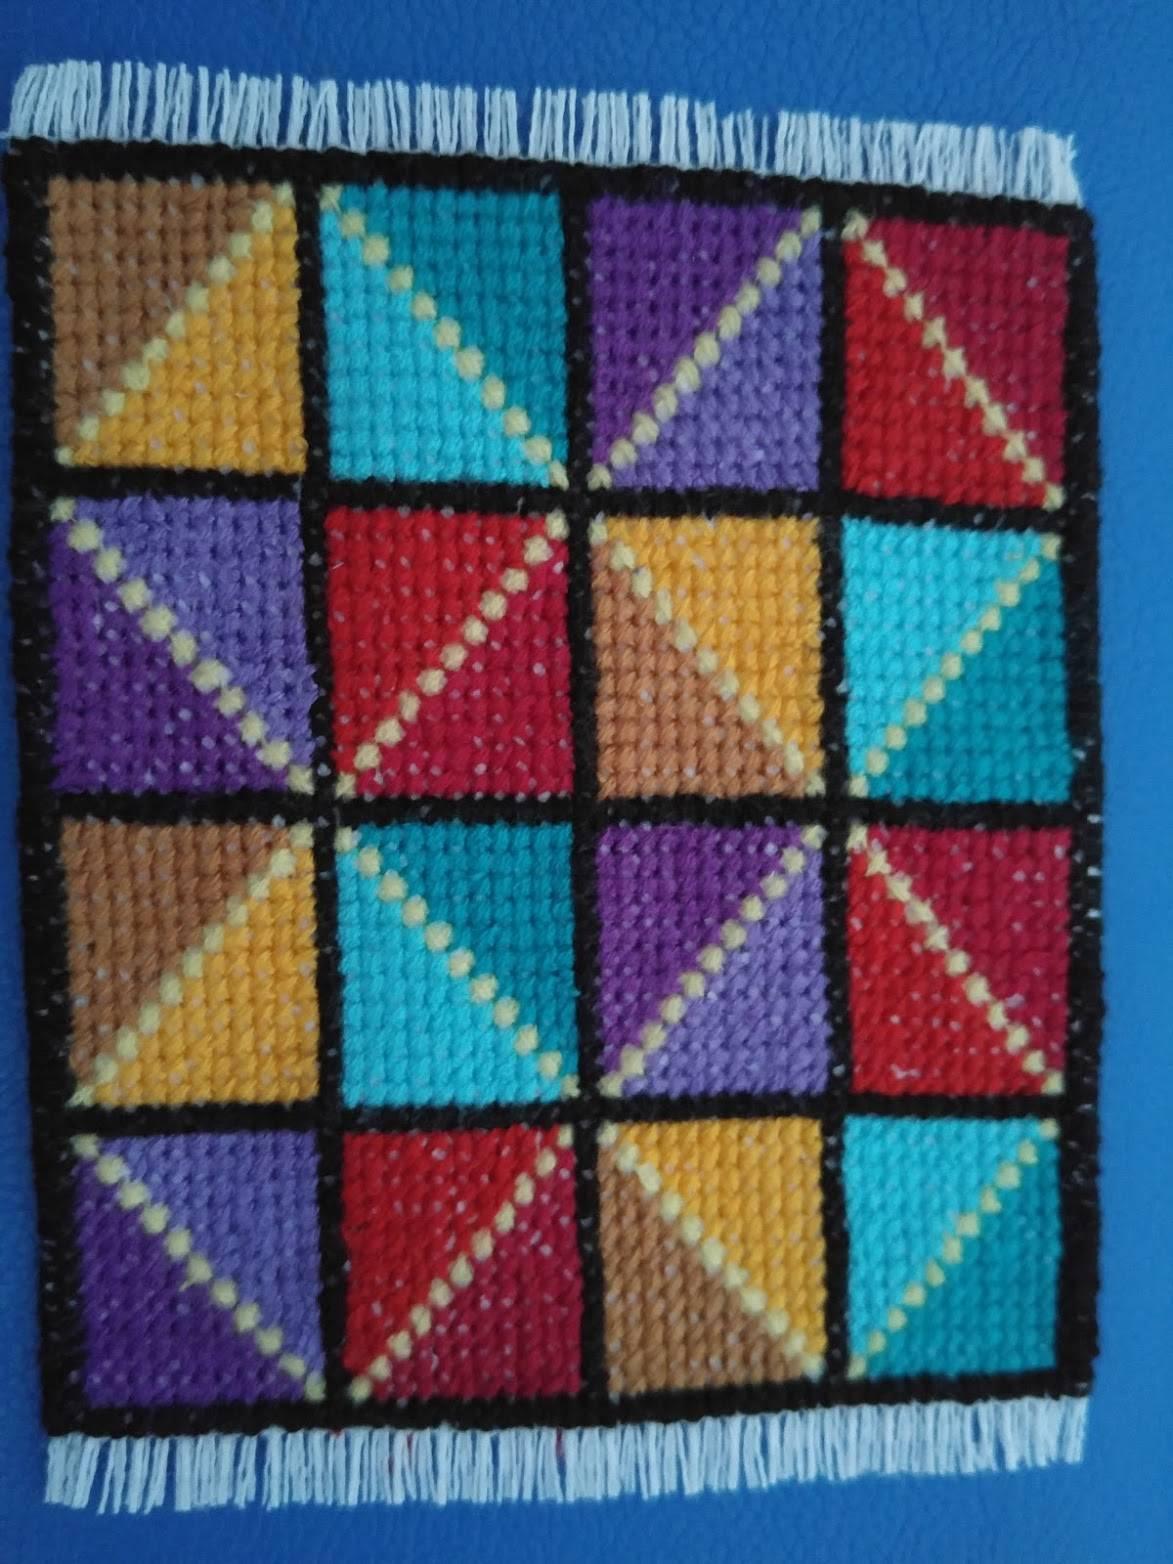 Made a little rug